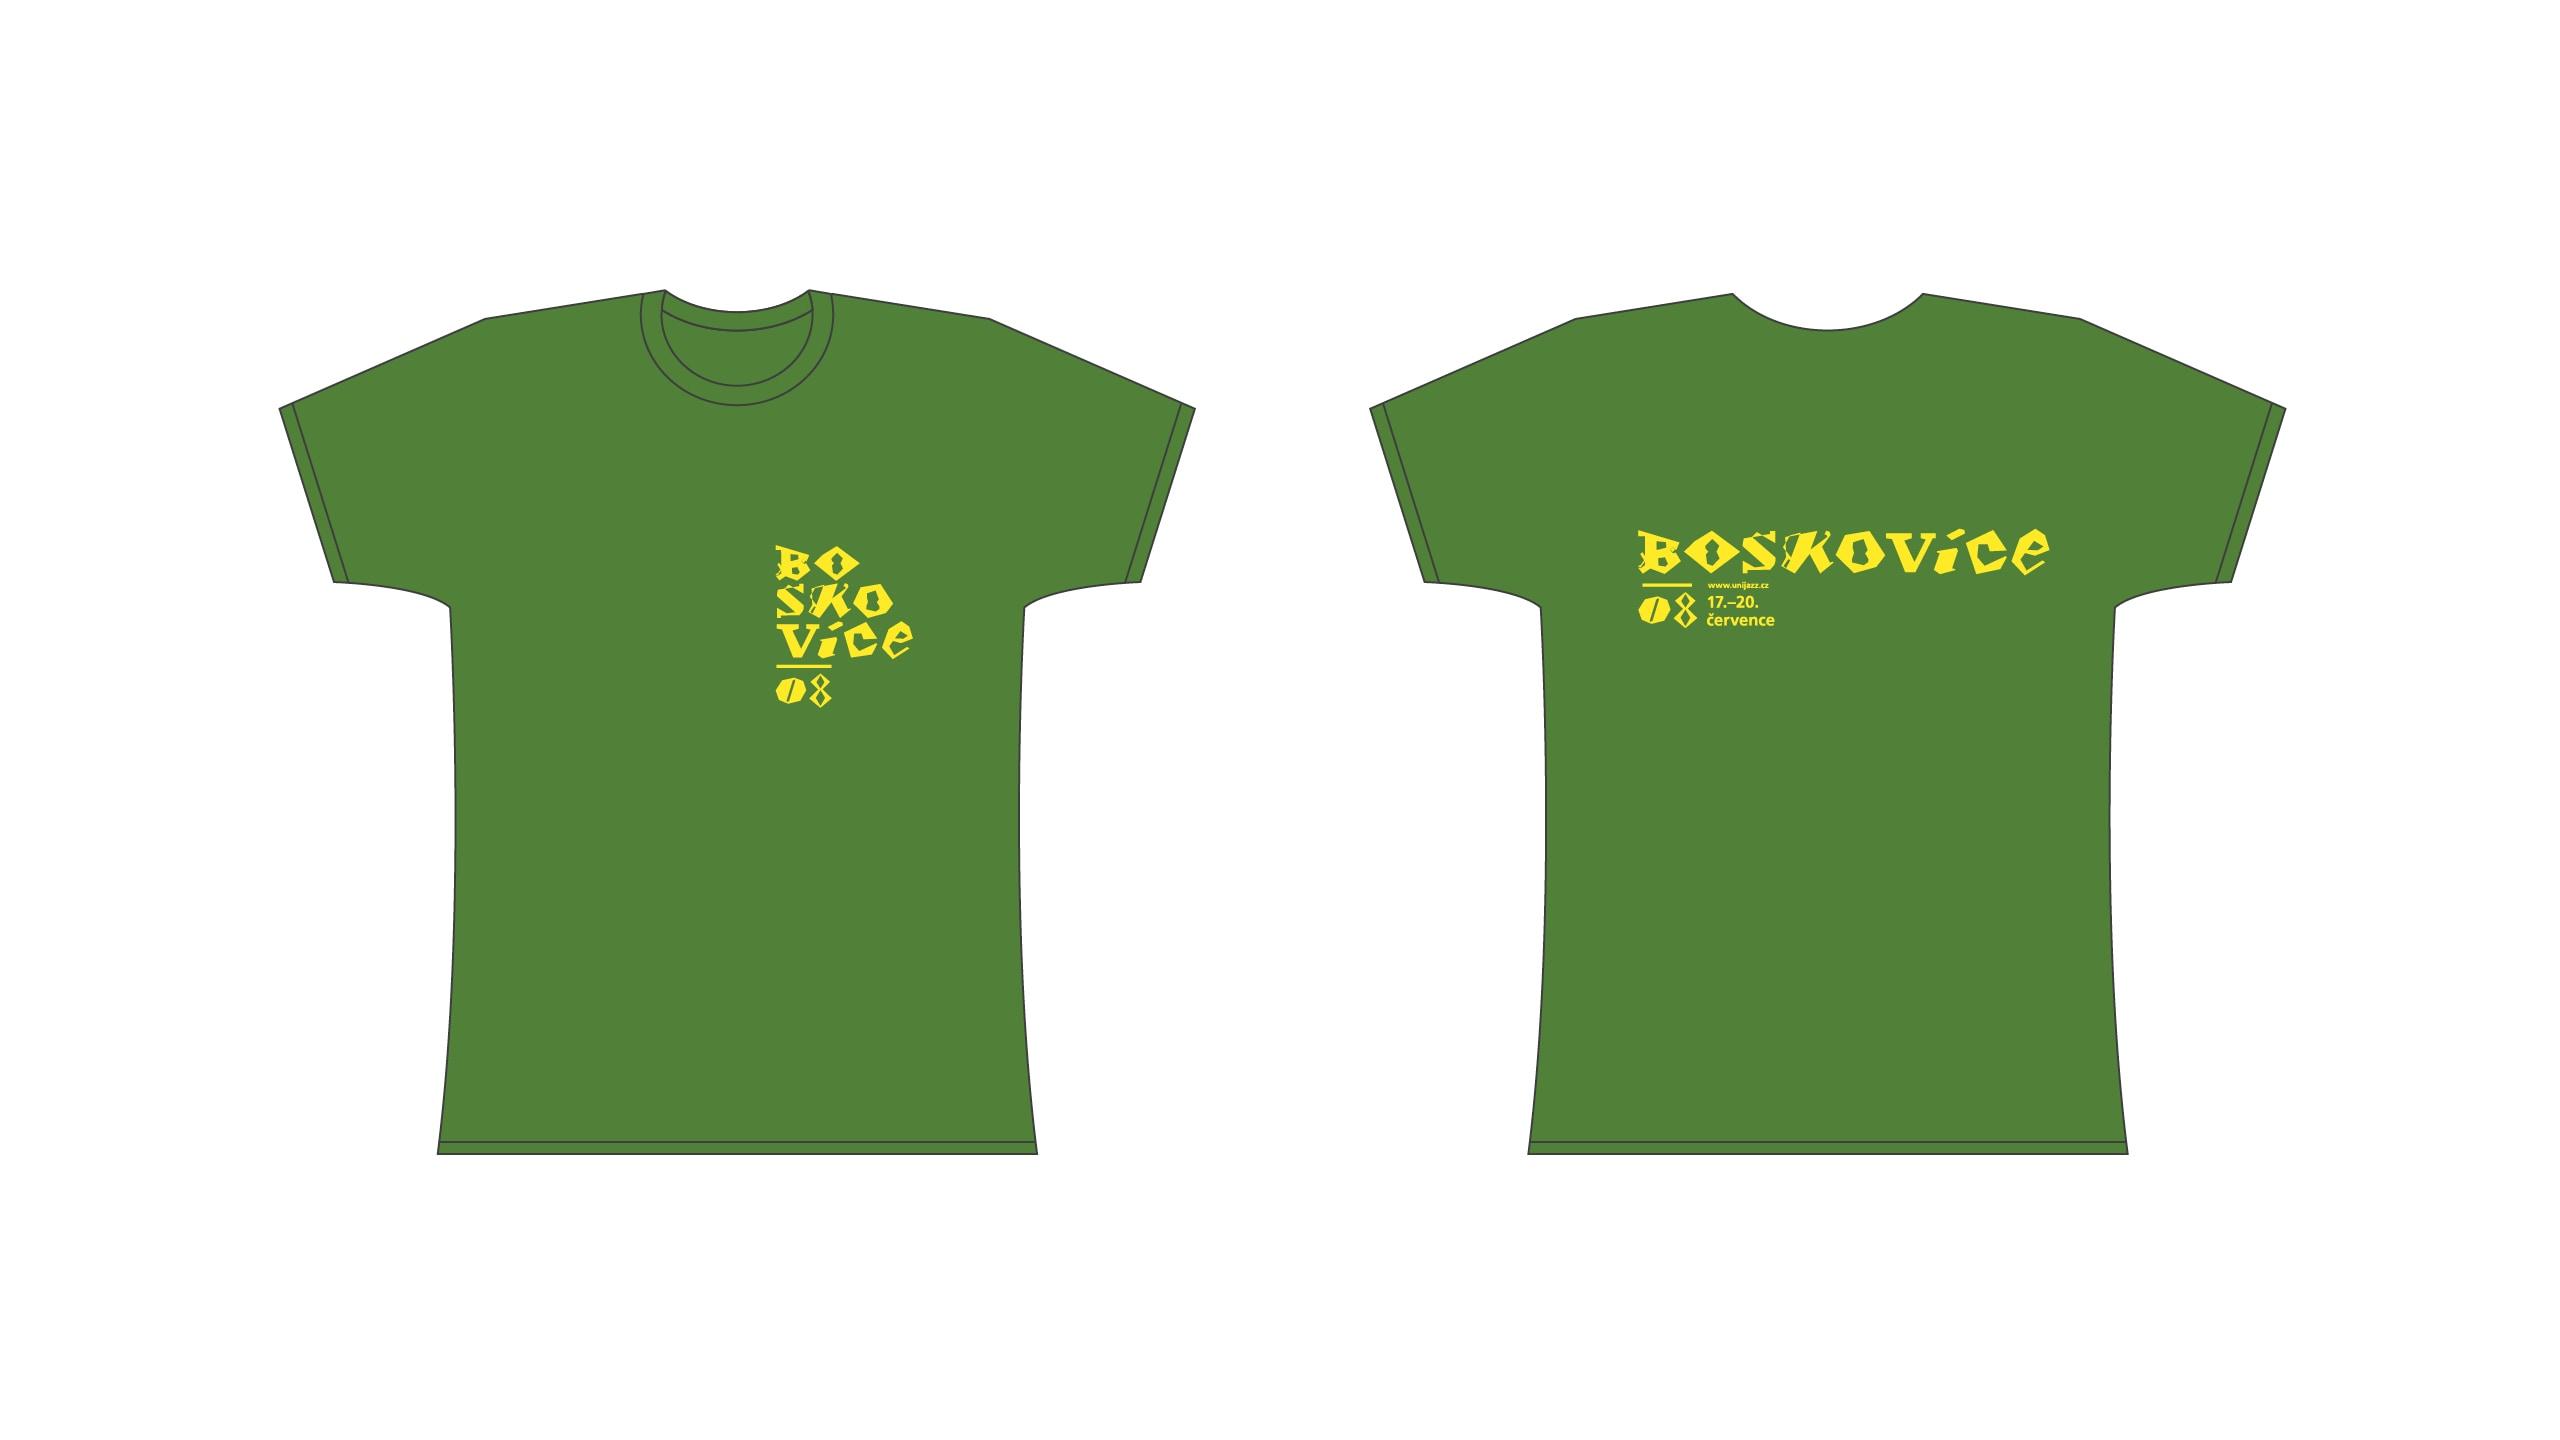 Boskovice_2018_1